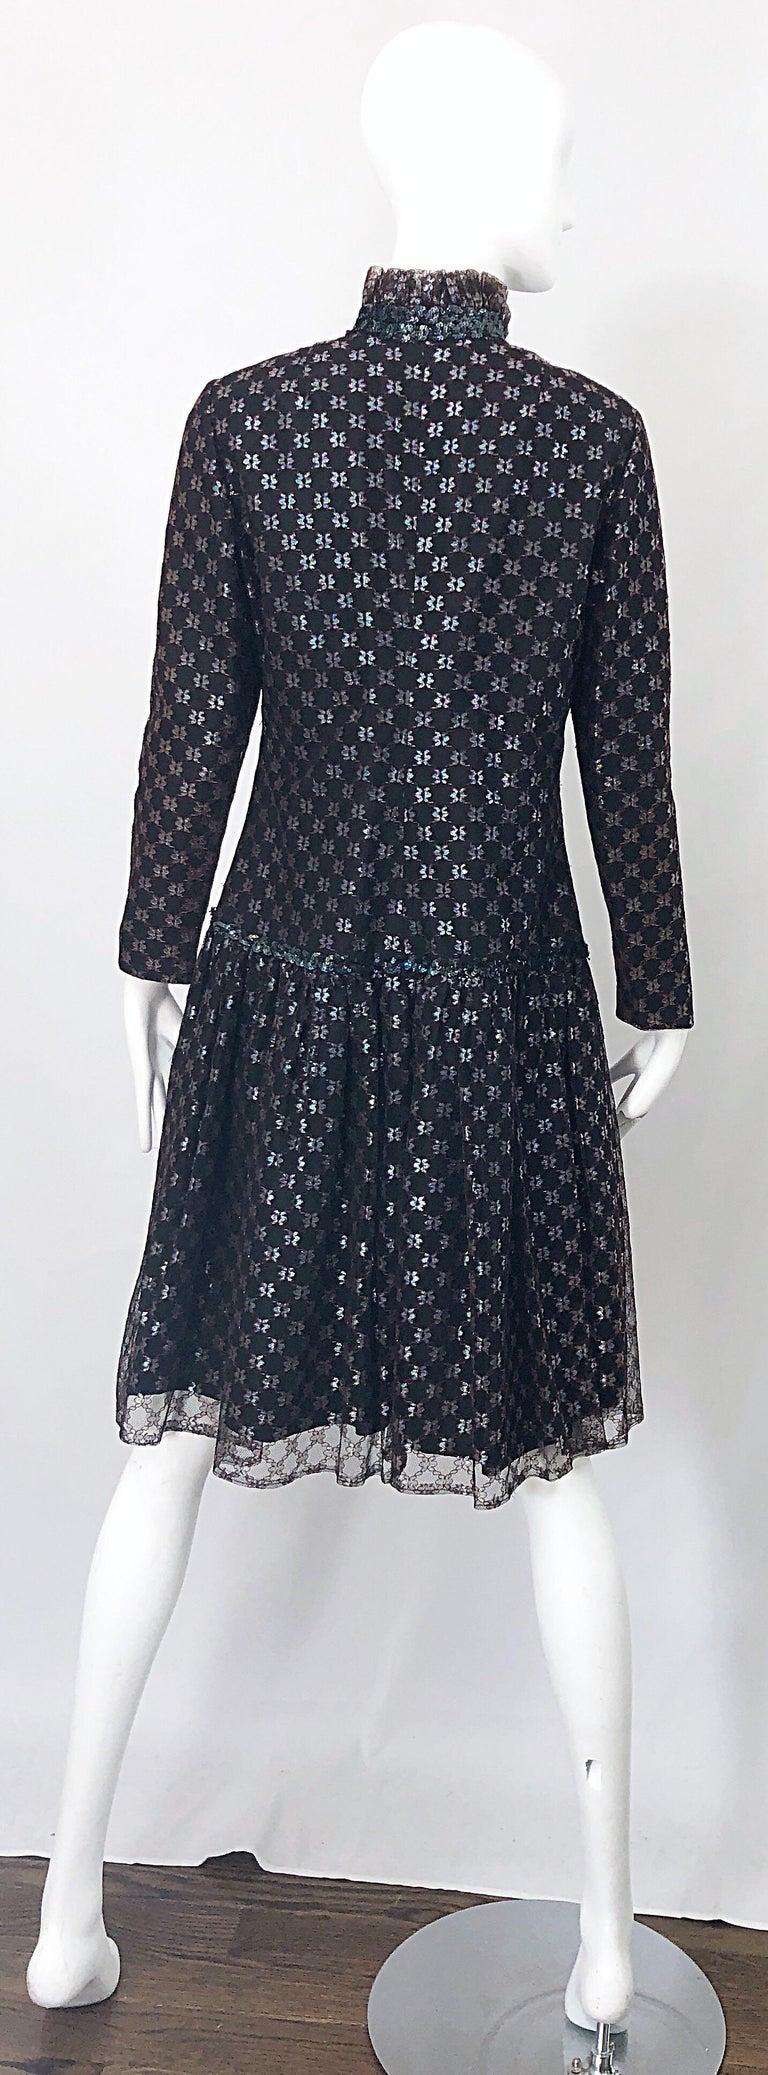 Women's Oscar de la Renta 1970s Black + Burgundy Red Iridescent Sequin Drop Waist Dress For Sale